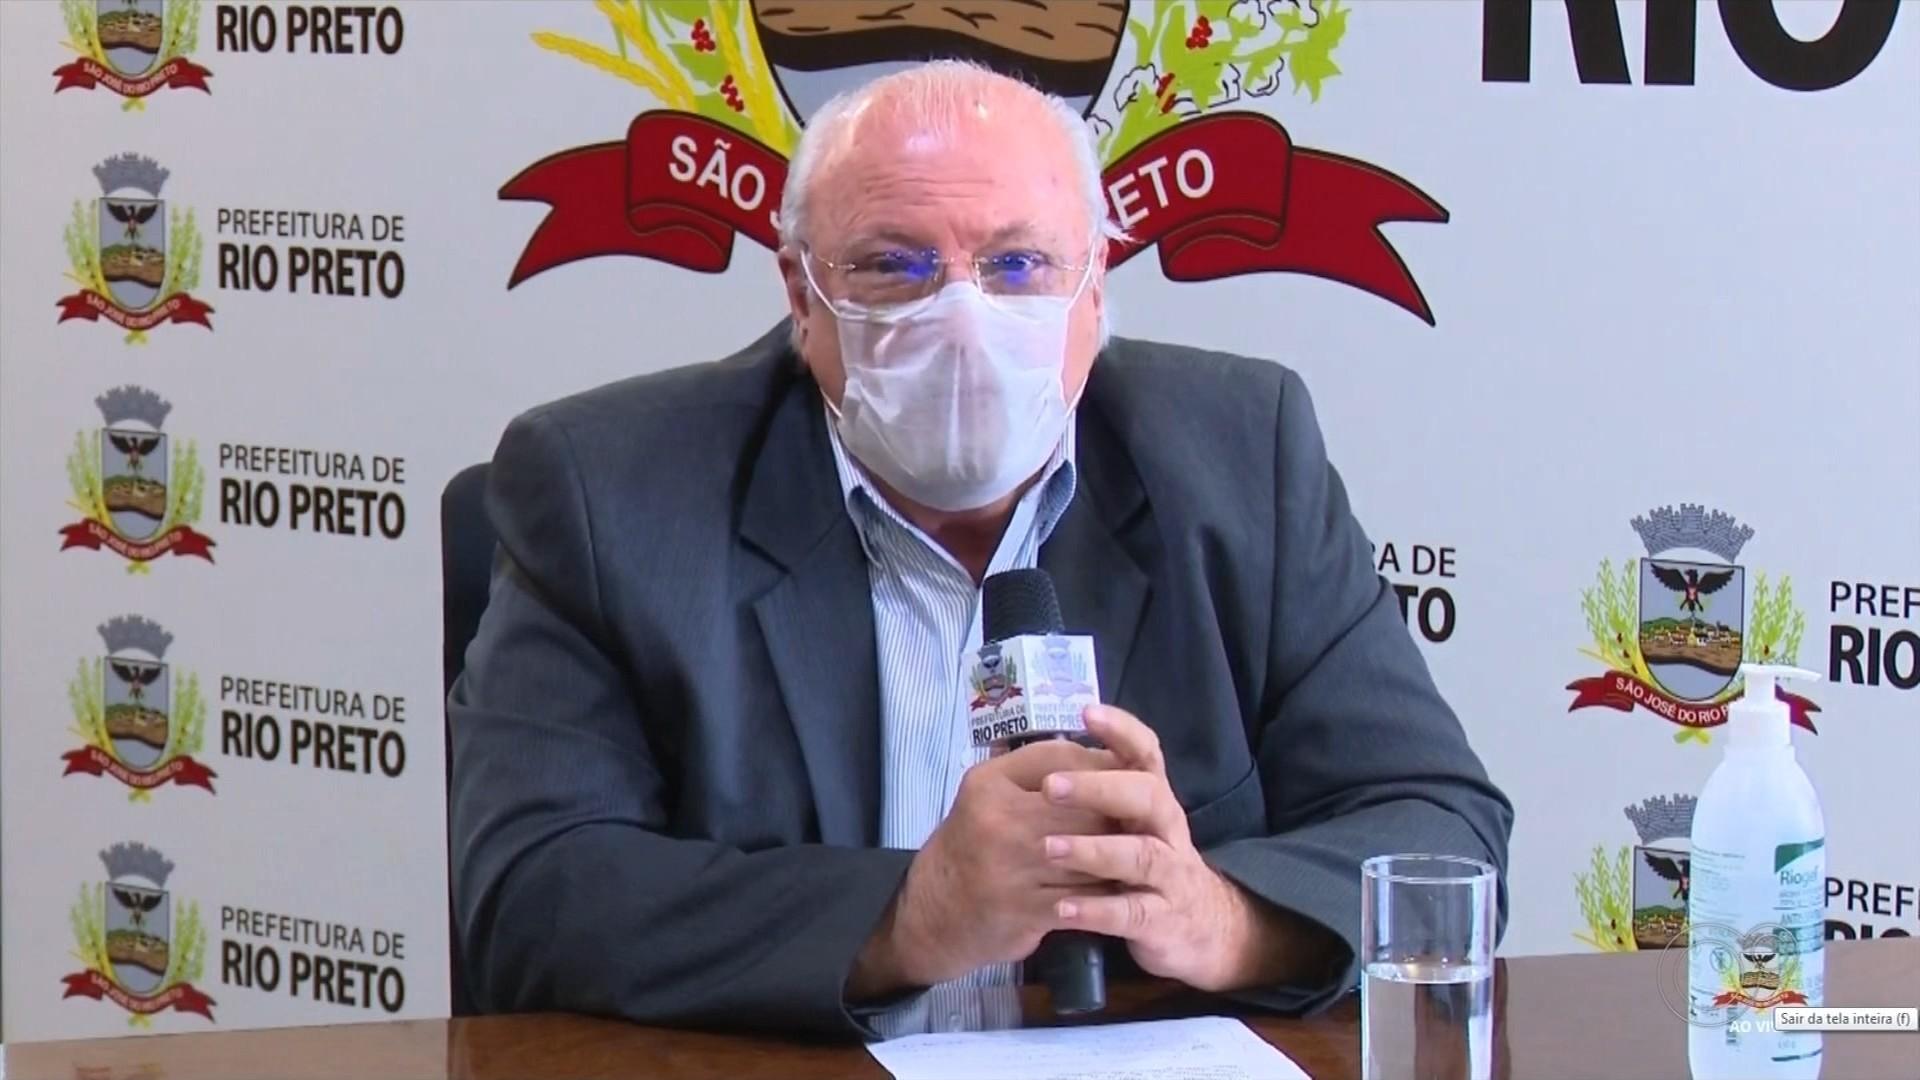 VÍDEOS: TEM Notícias 2ª edição de Rio Preto e Araçatuba desta sexta-feira, 22 de maio